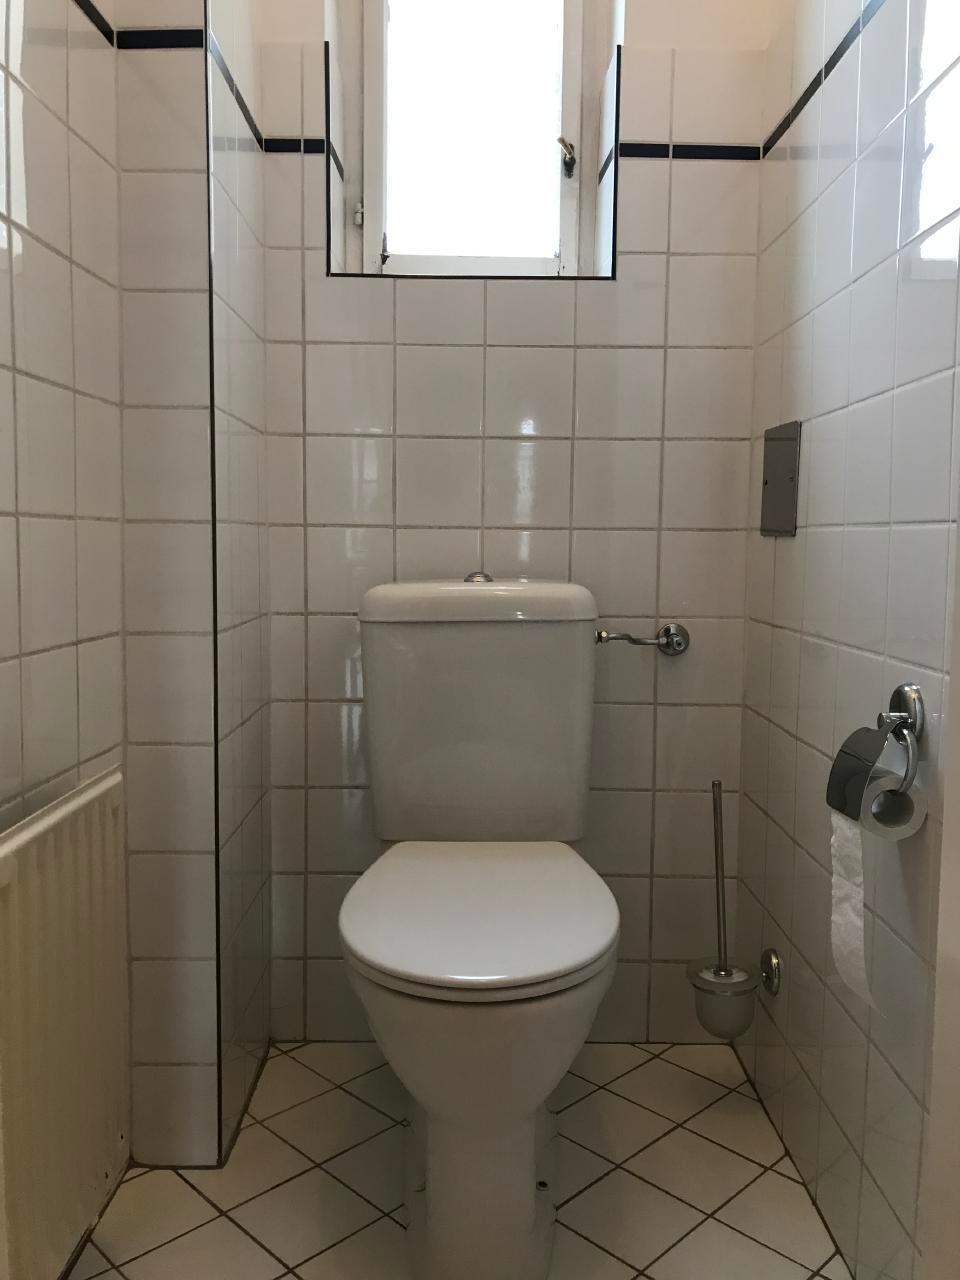 Appartement de vacances Ferienwohnung (359405), Vienne, , Vienne, Autriche, image 11